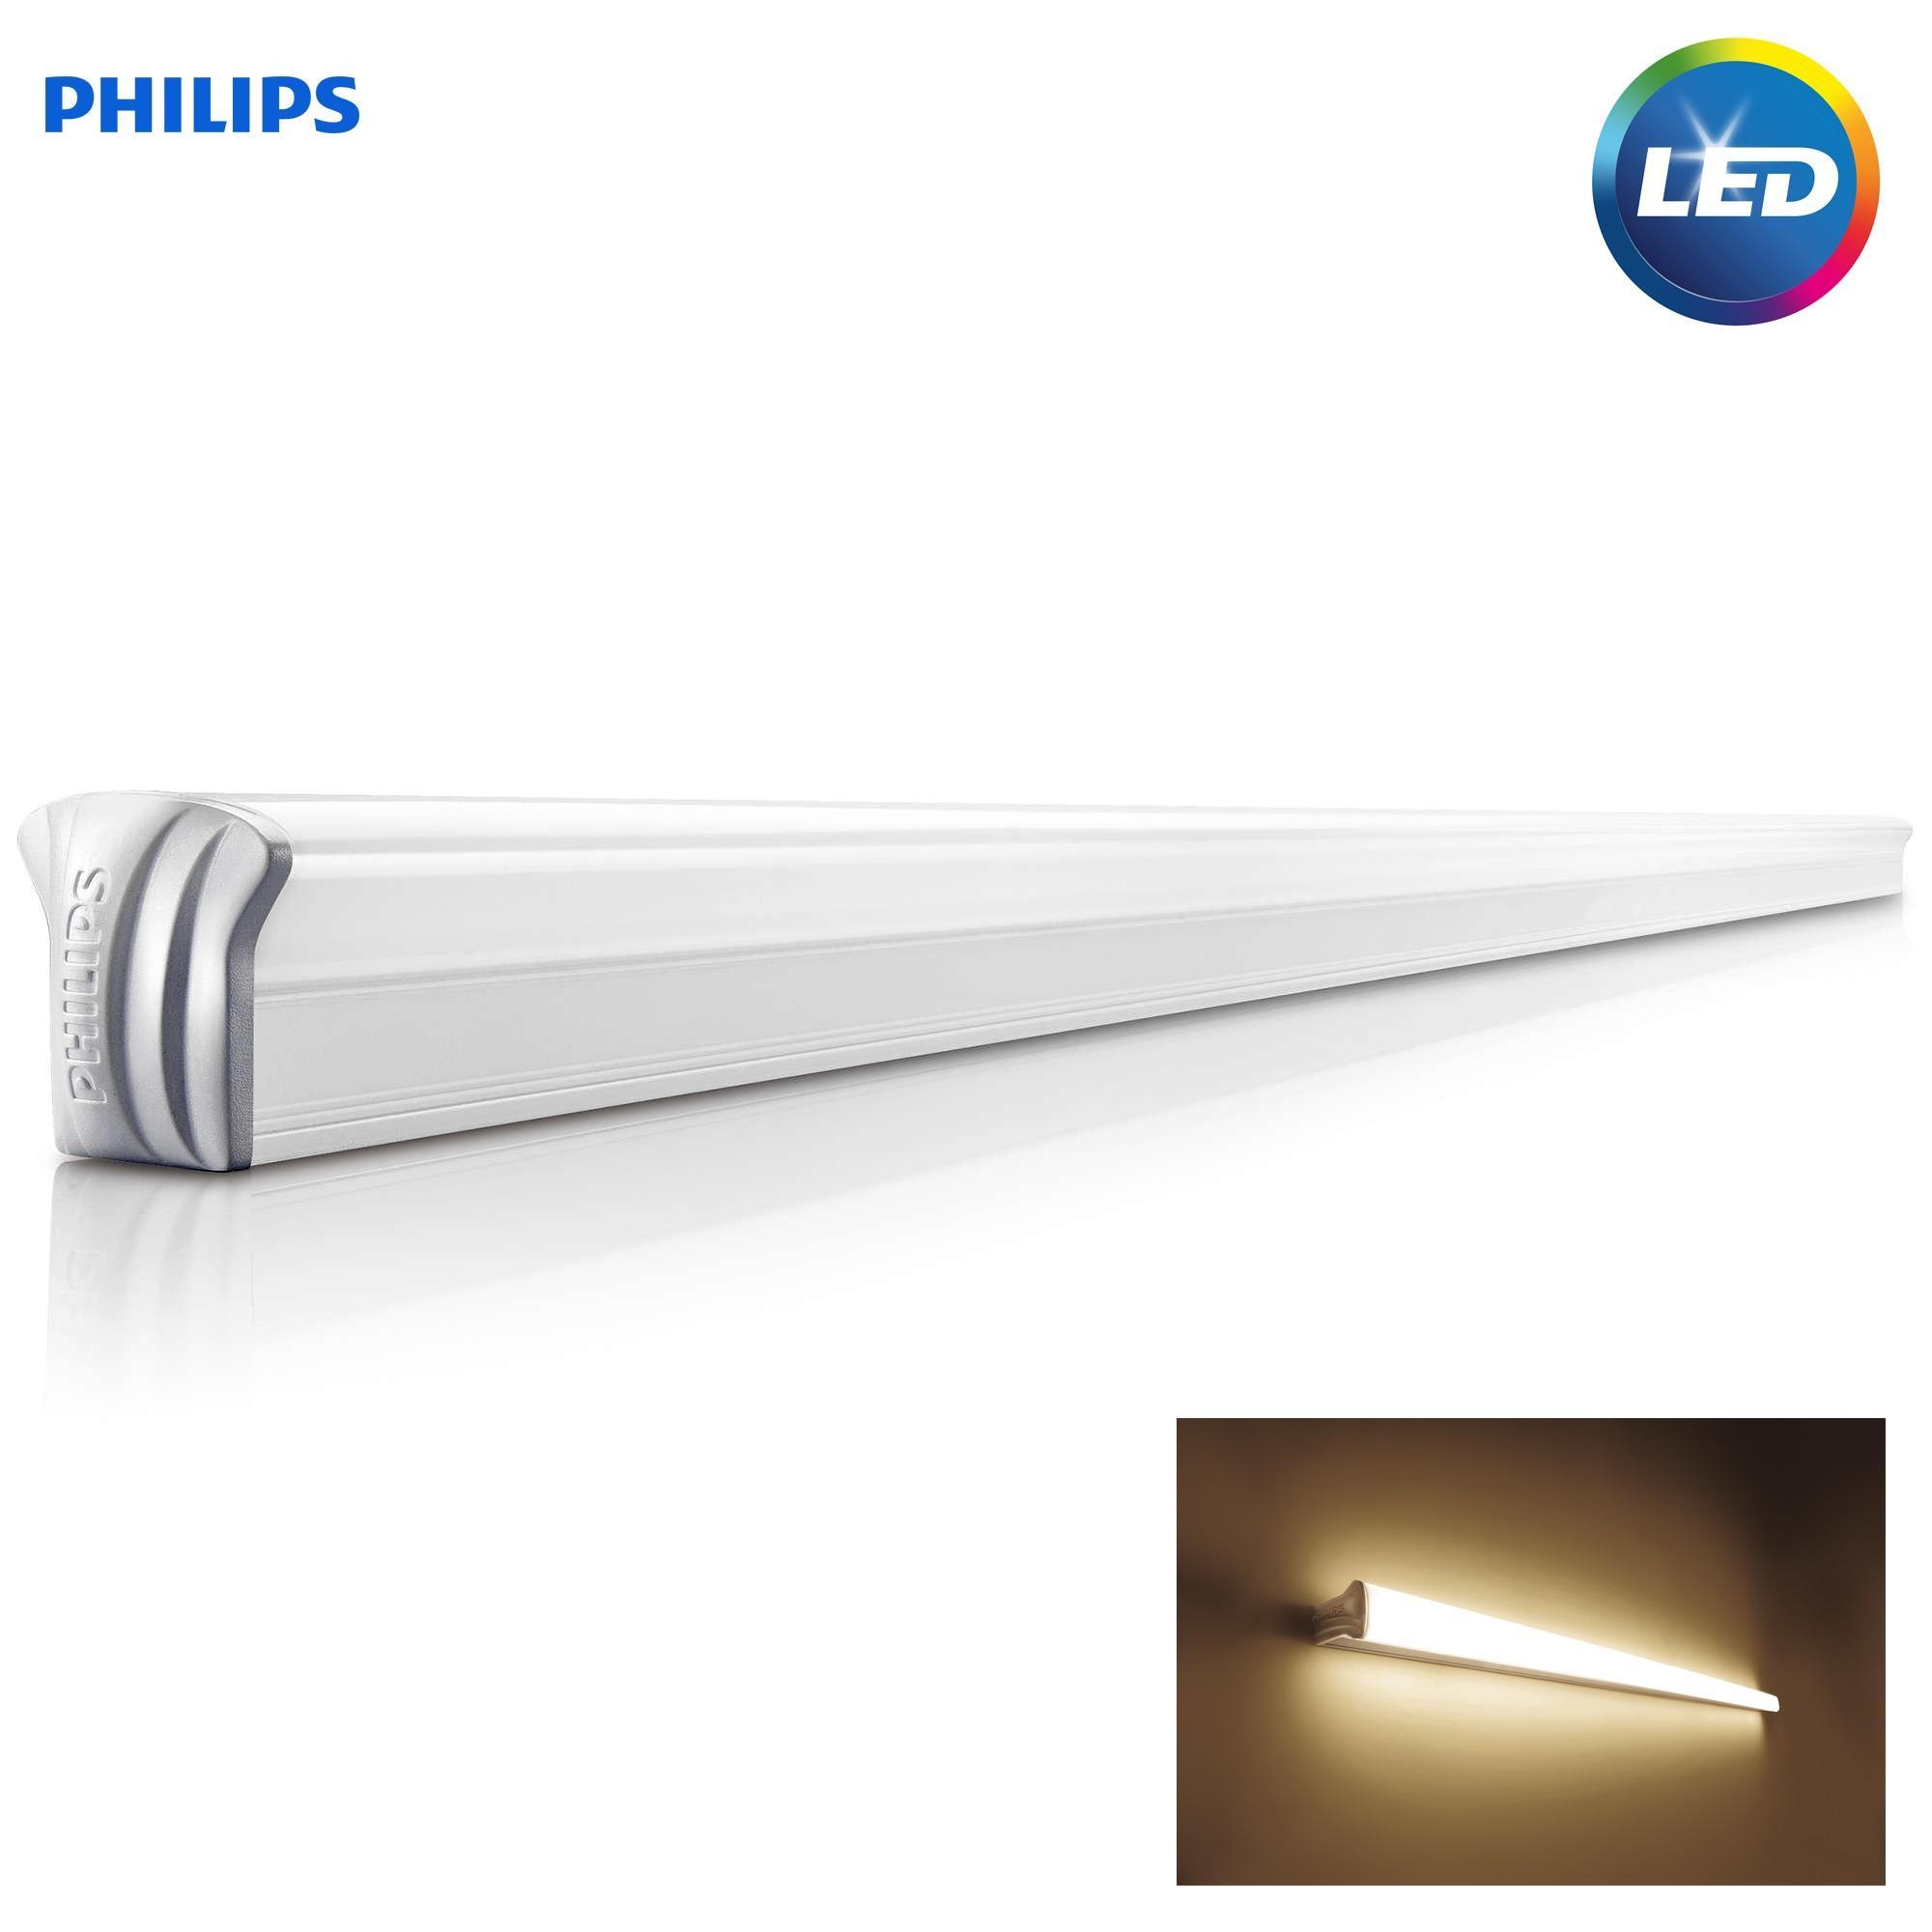 Đèn tường LED Philips Shellline 31172 20W 3000K (Ánh sáng vàng)